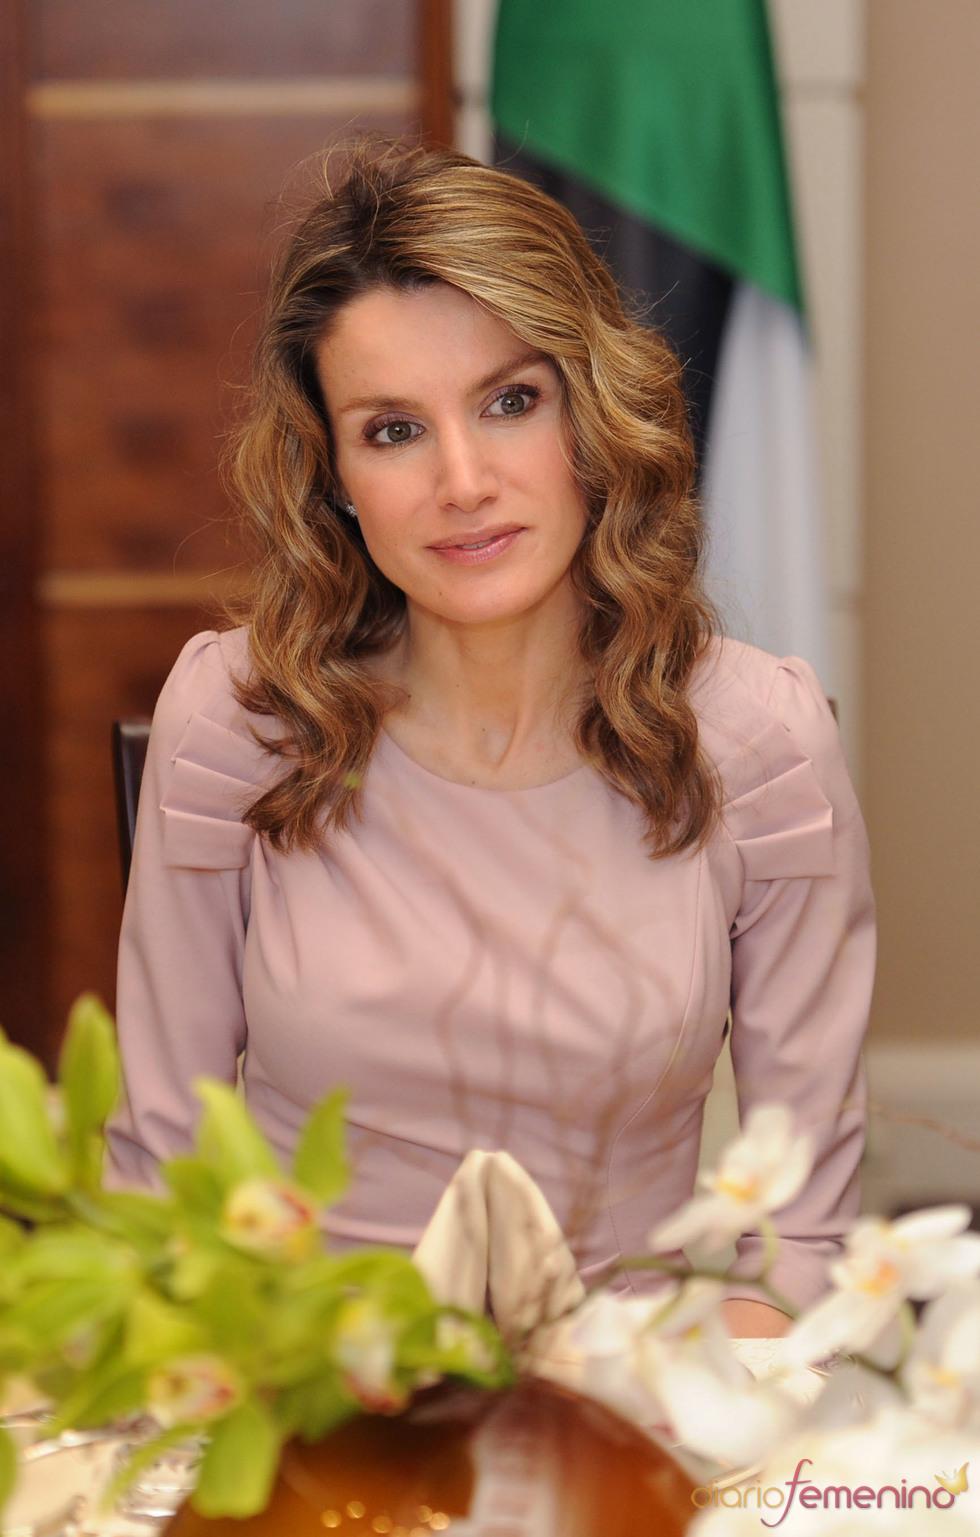 La Princesa Letizia, con el pelo ondulado en el almuerzo con los Reyes de Jordania